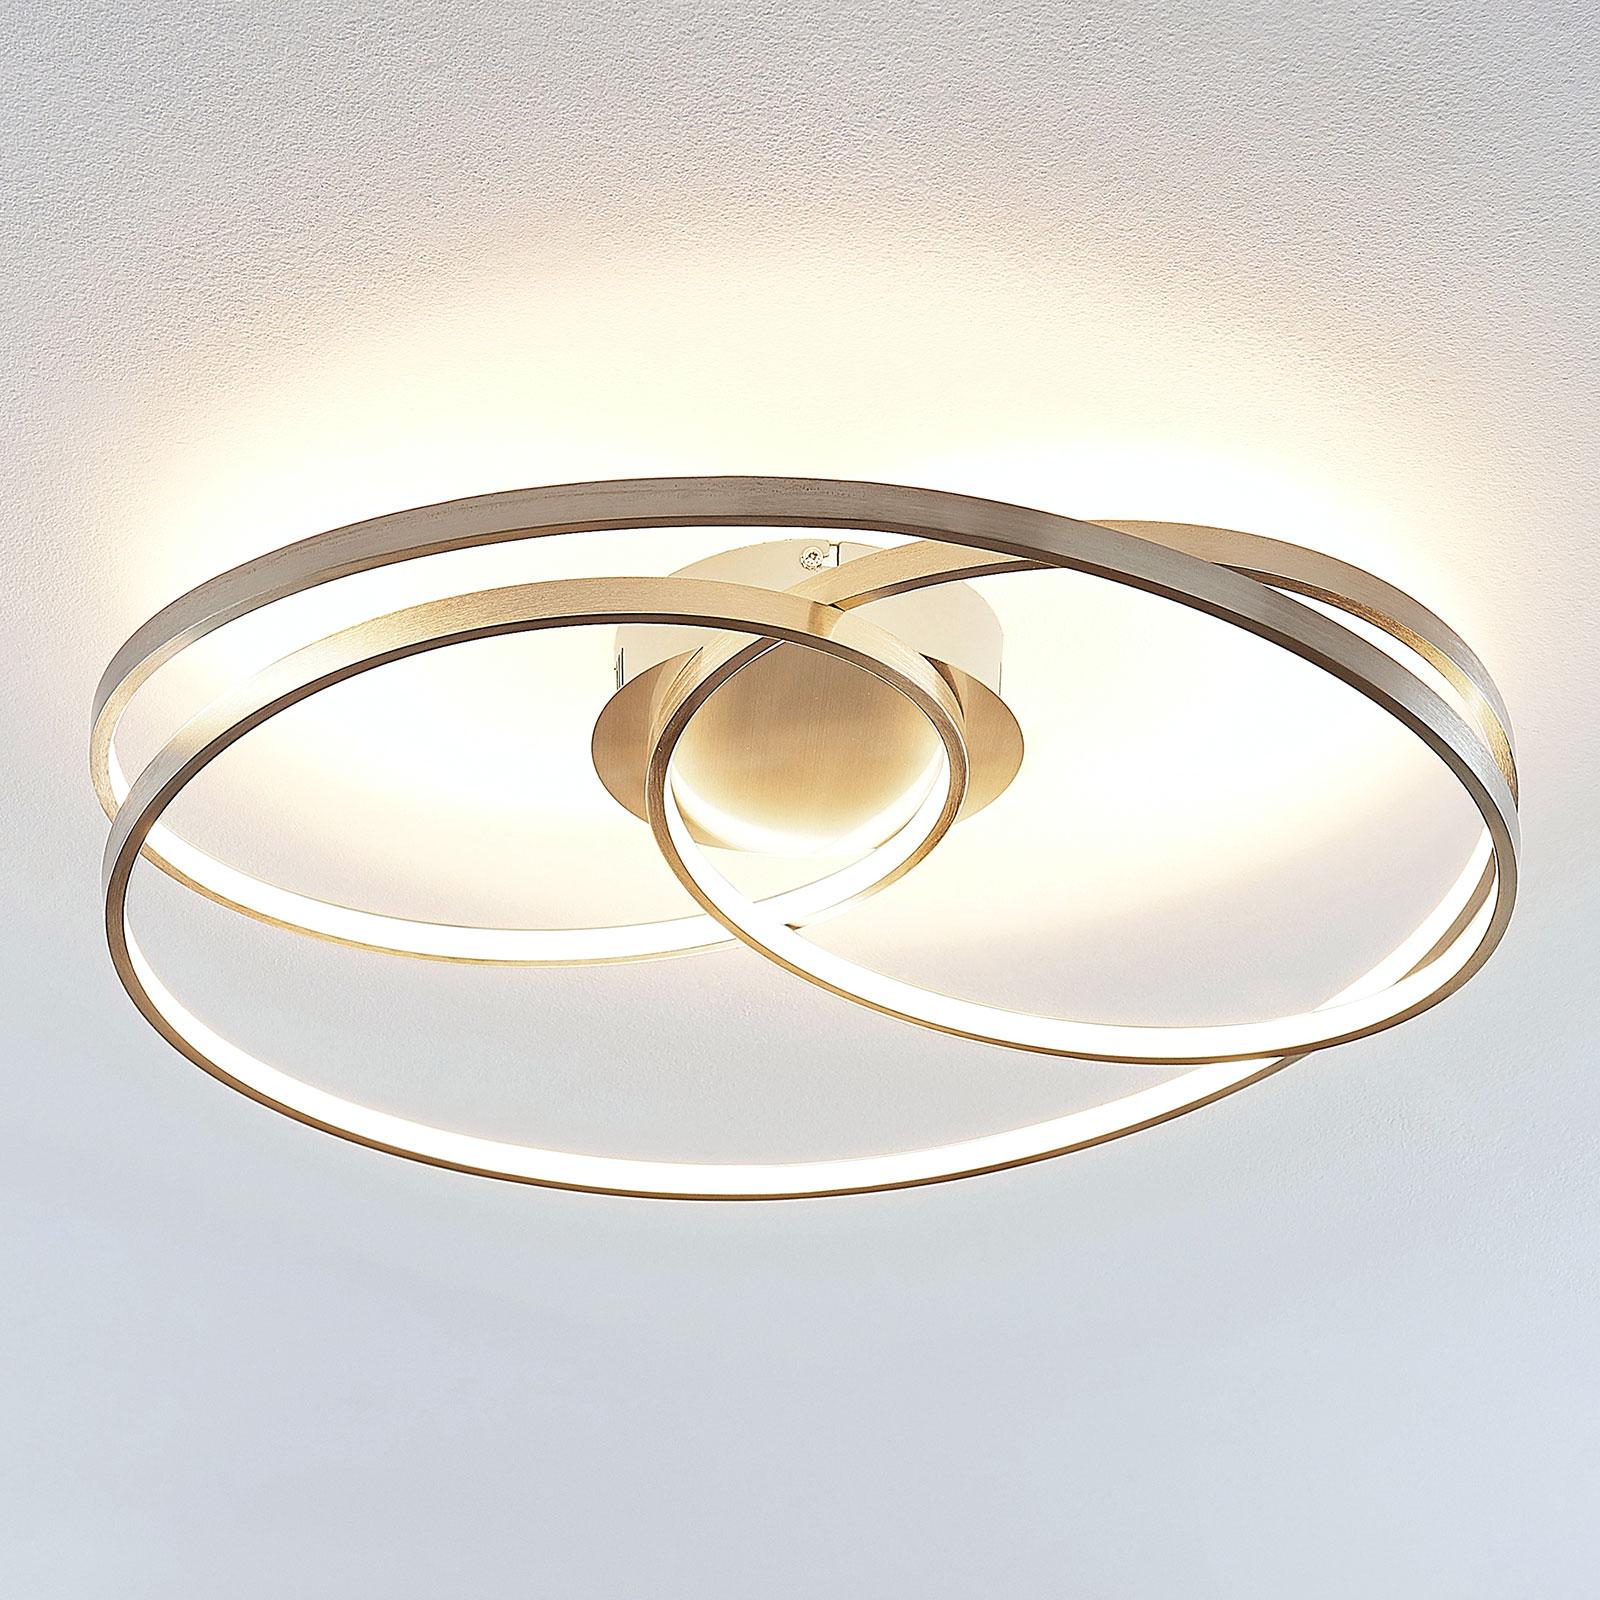 Lindby Ronka lampa sufitowa LED, nikiel satynowany